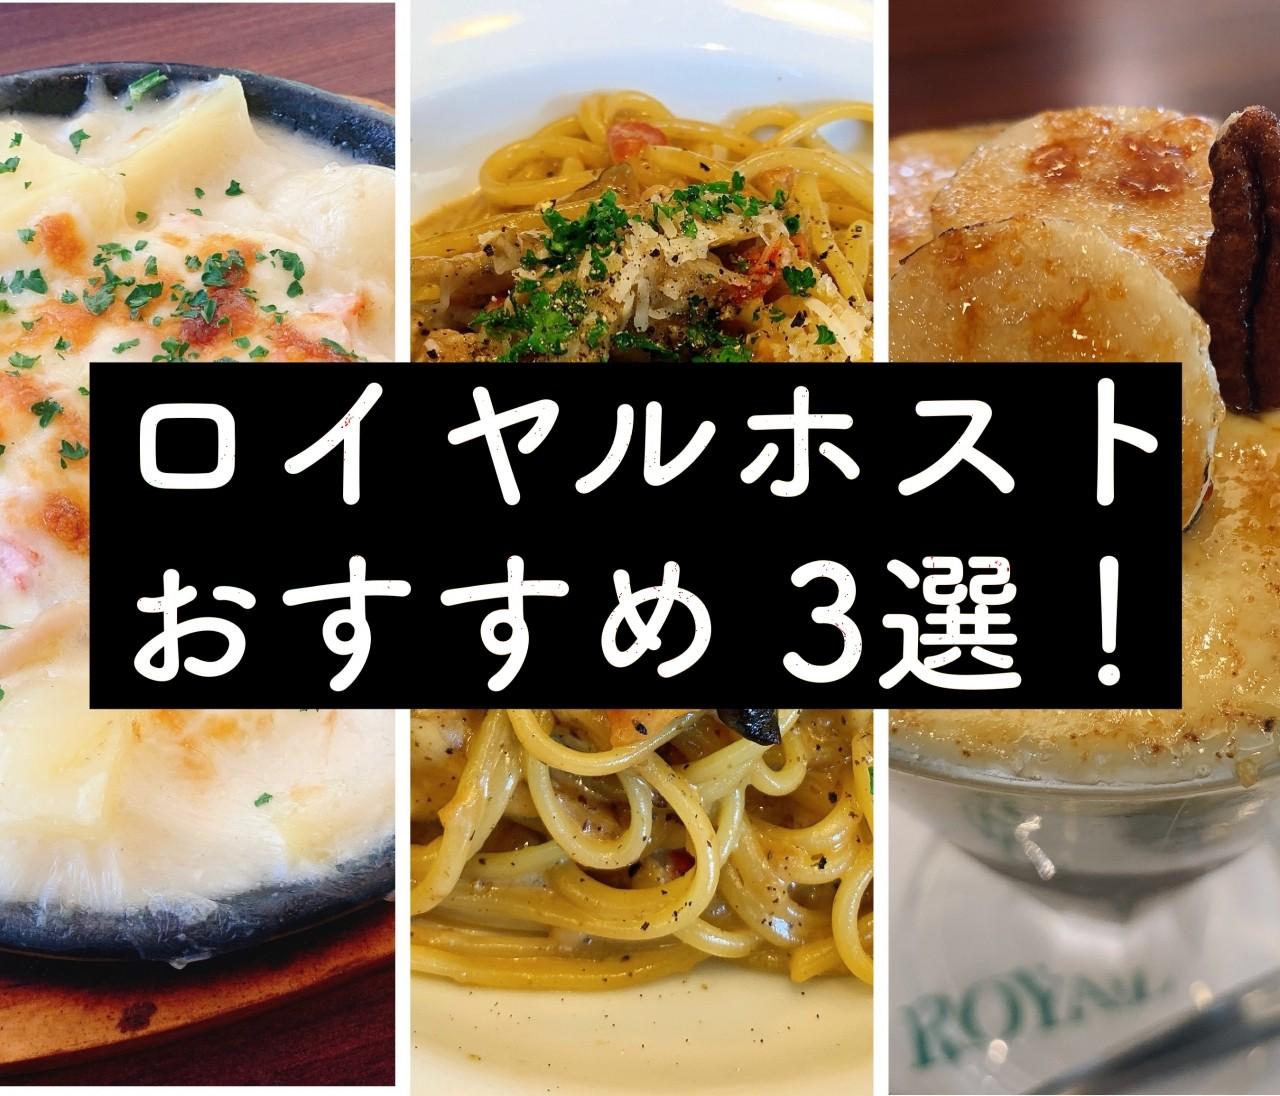 【ロイホ好きが贈る】おすすめグランドメニュー3選!